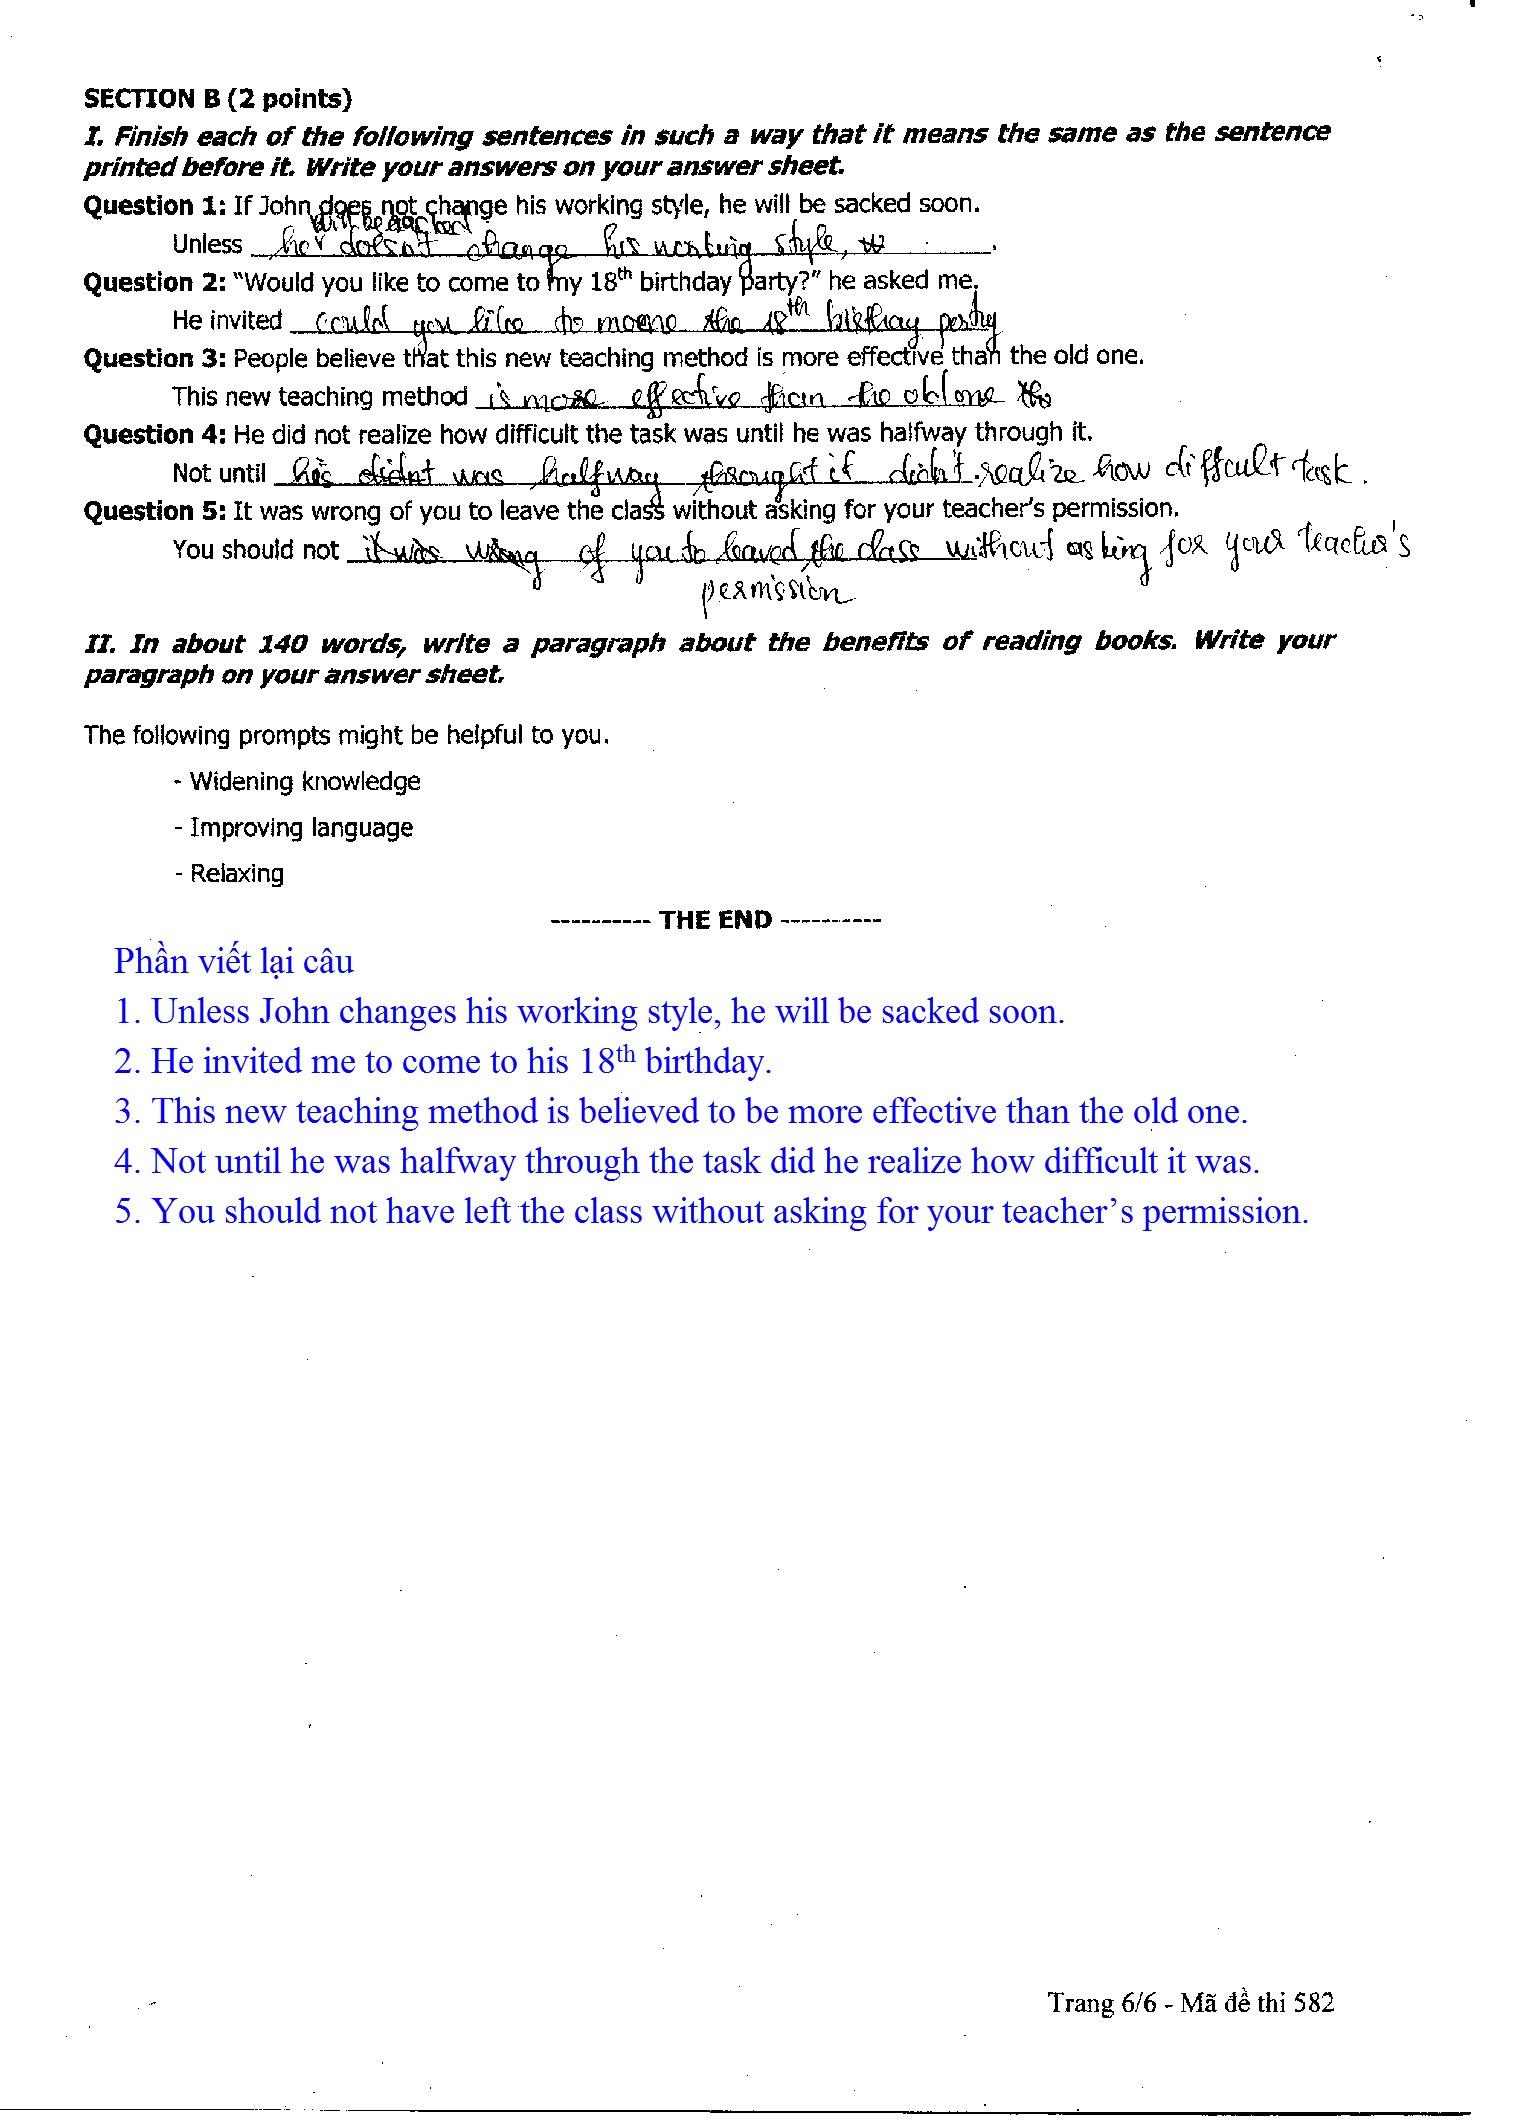 Nhận định về đề thi Tiếng Anh, cô Nguyệt Ca, giáo viên Hocmai.vn cho biết: